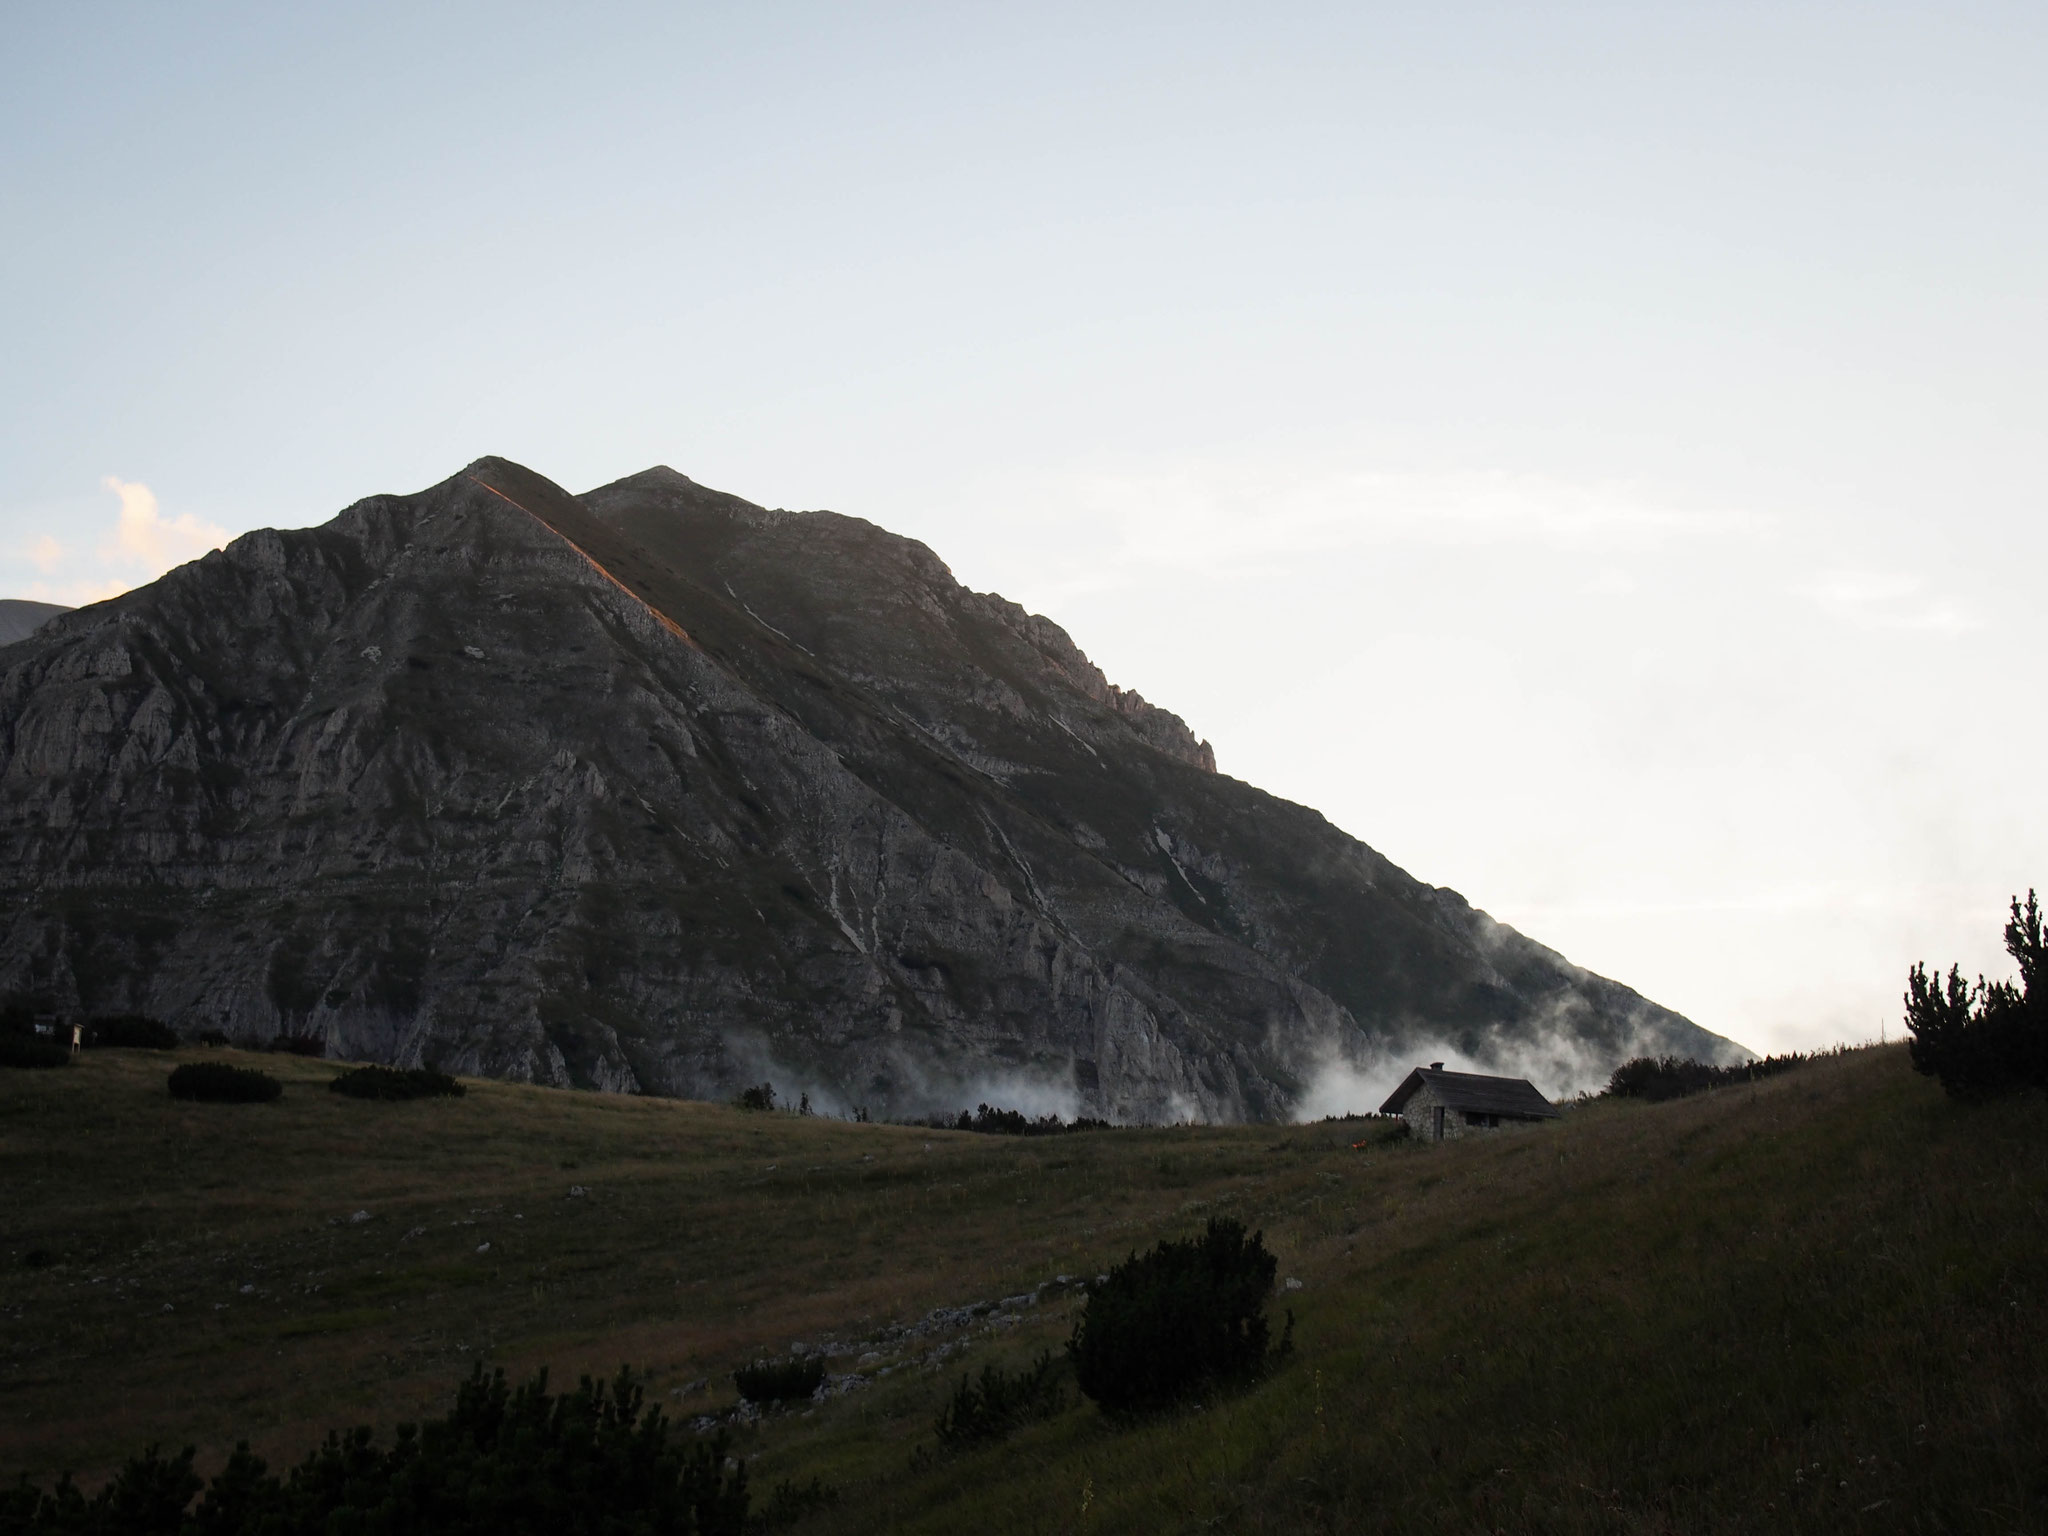 Rifugio Martellese - Majella Orientale